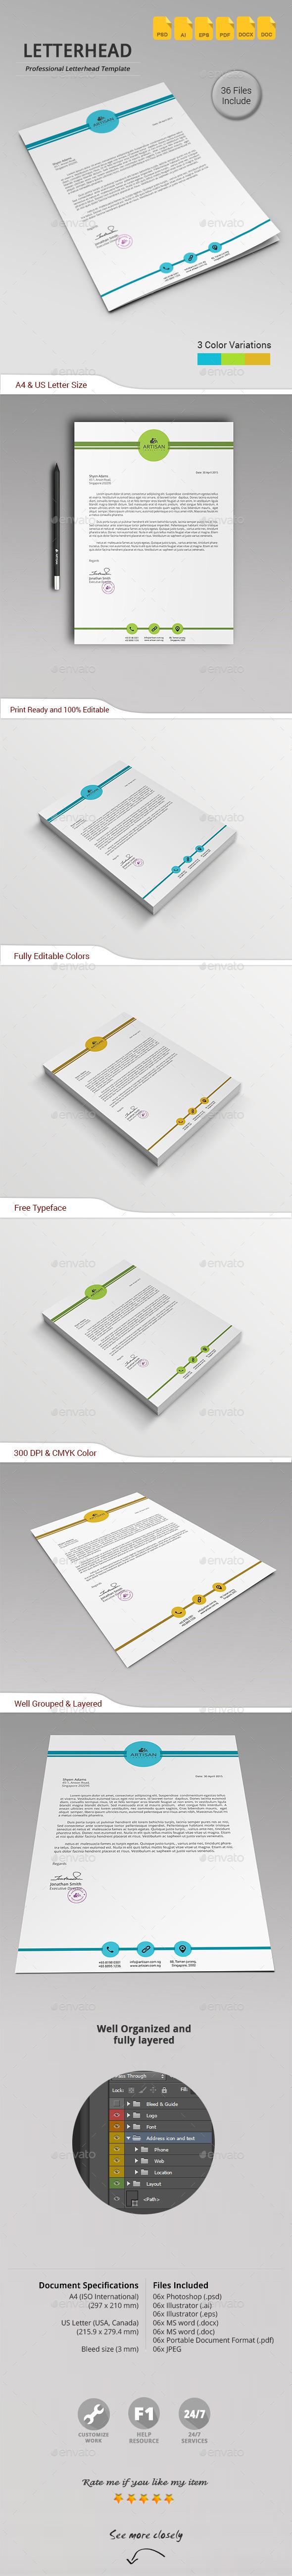 GraphicRiver Letterhead 11311650